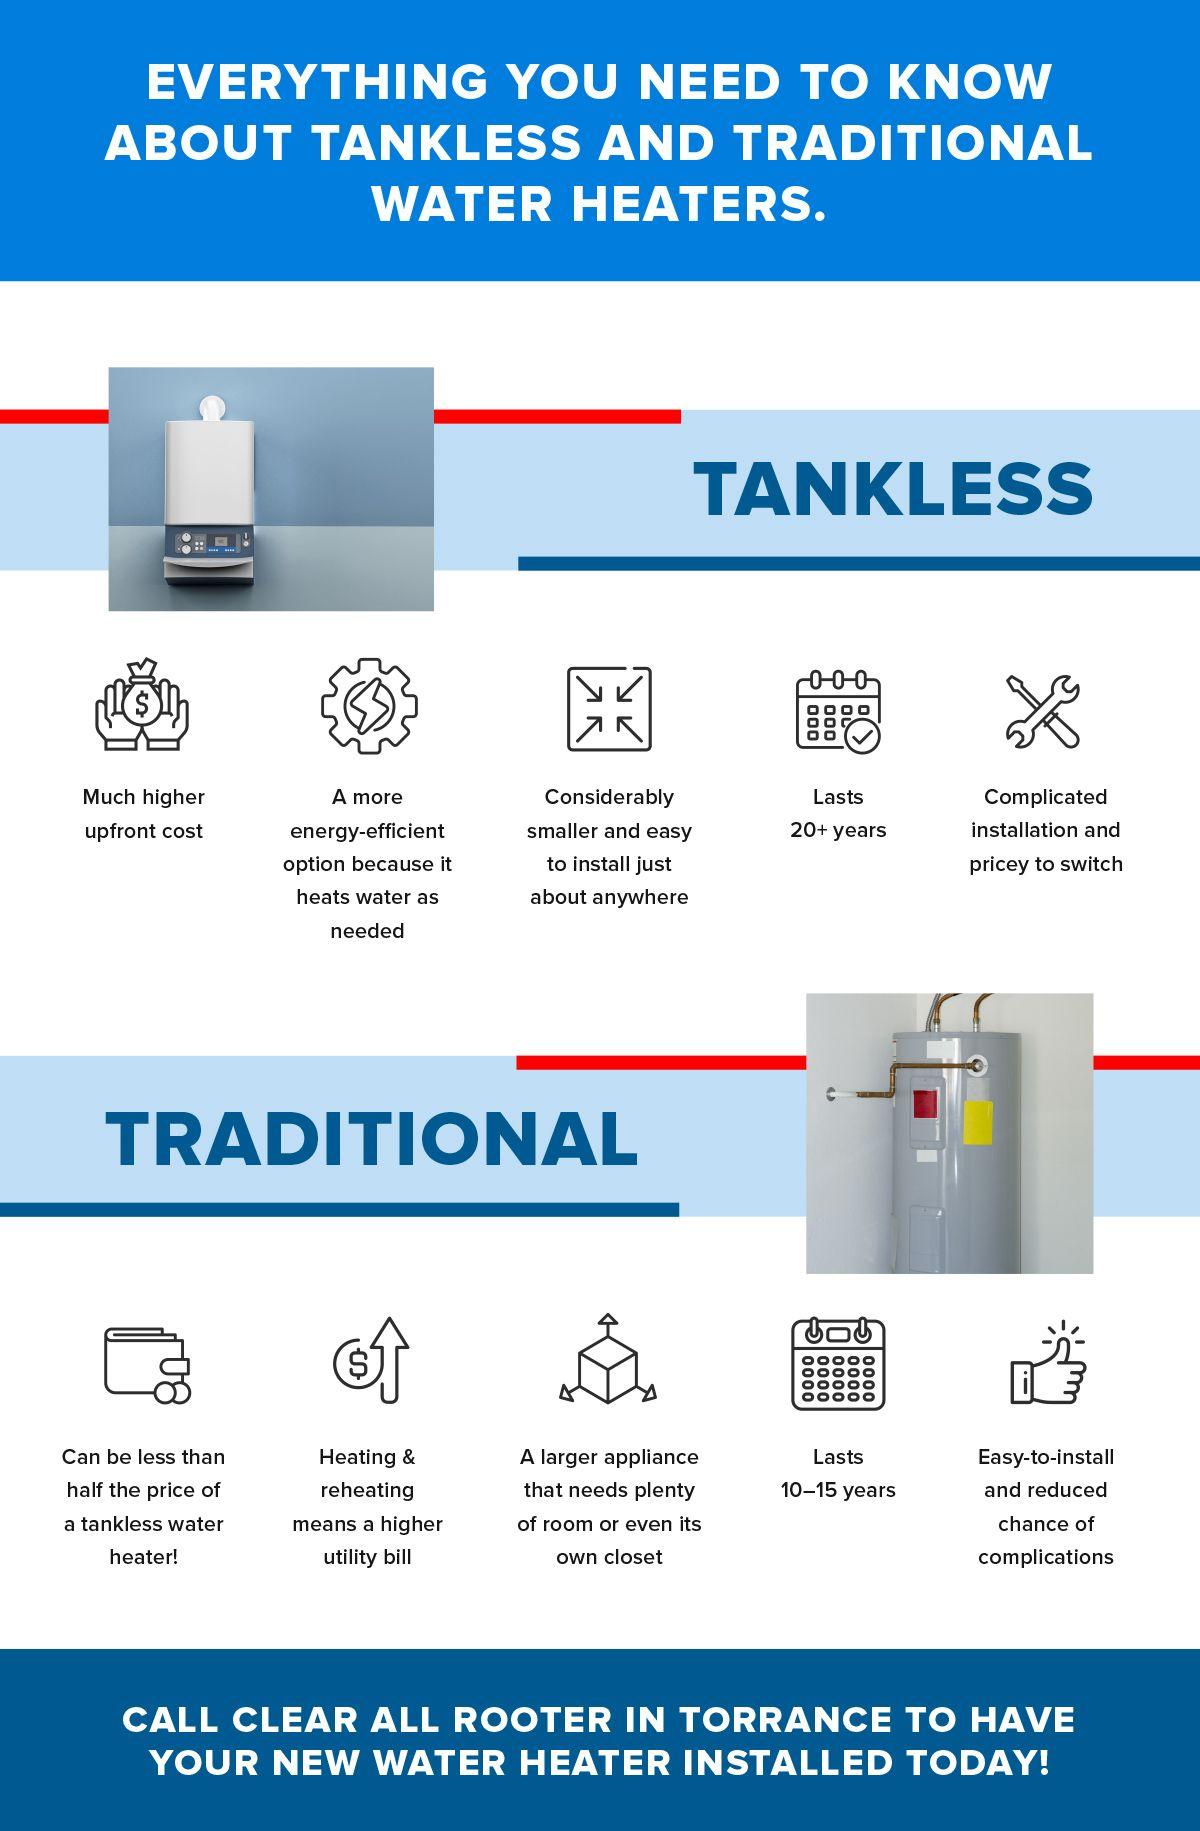 TanklessVsTraditionalWaterHeaters.jpg